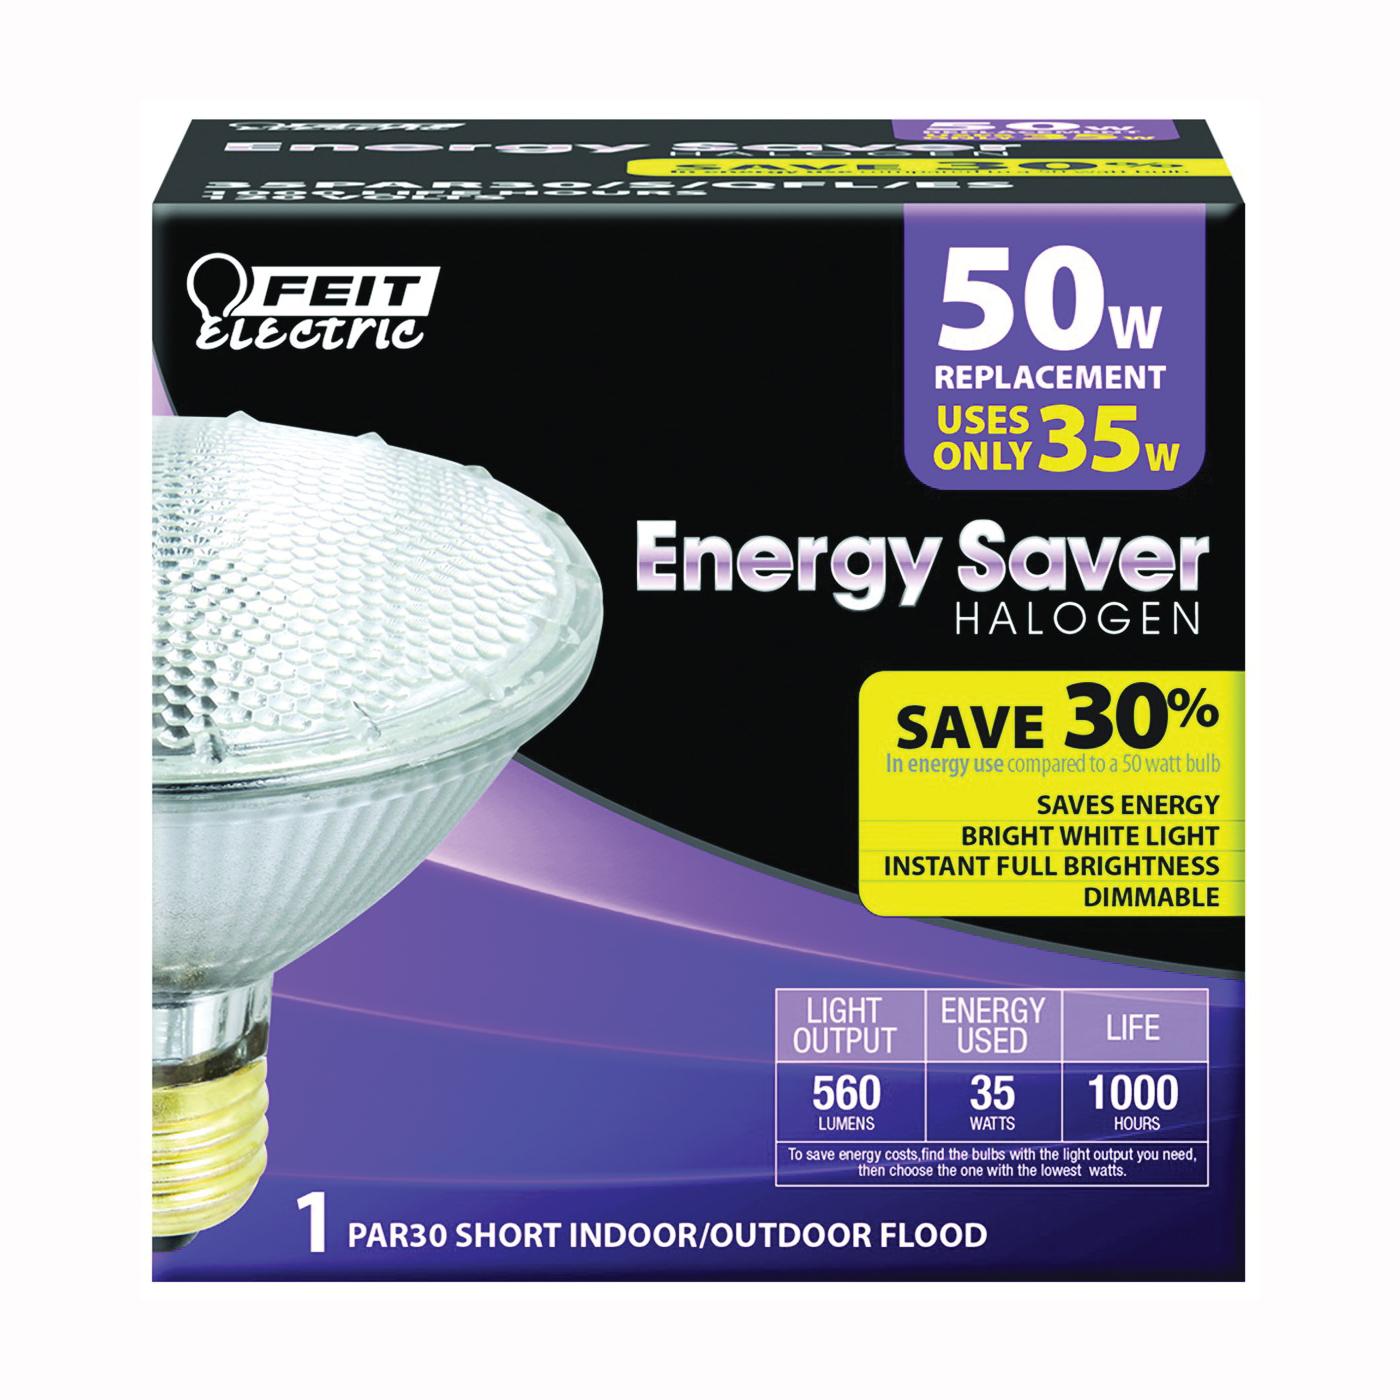 Picture of Feit Electric 35PAR30/S/QFL/ES Halogen Lamp, 35 W, Medium E26 Lamp Base, PAR30 Lamp, Soft White Light, 560 Lumens